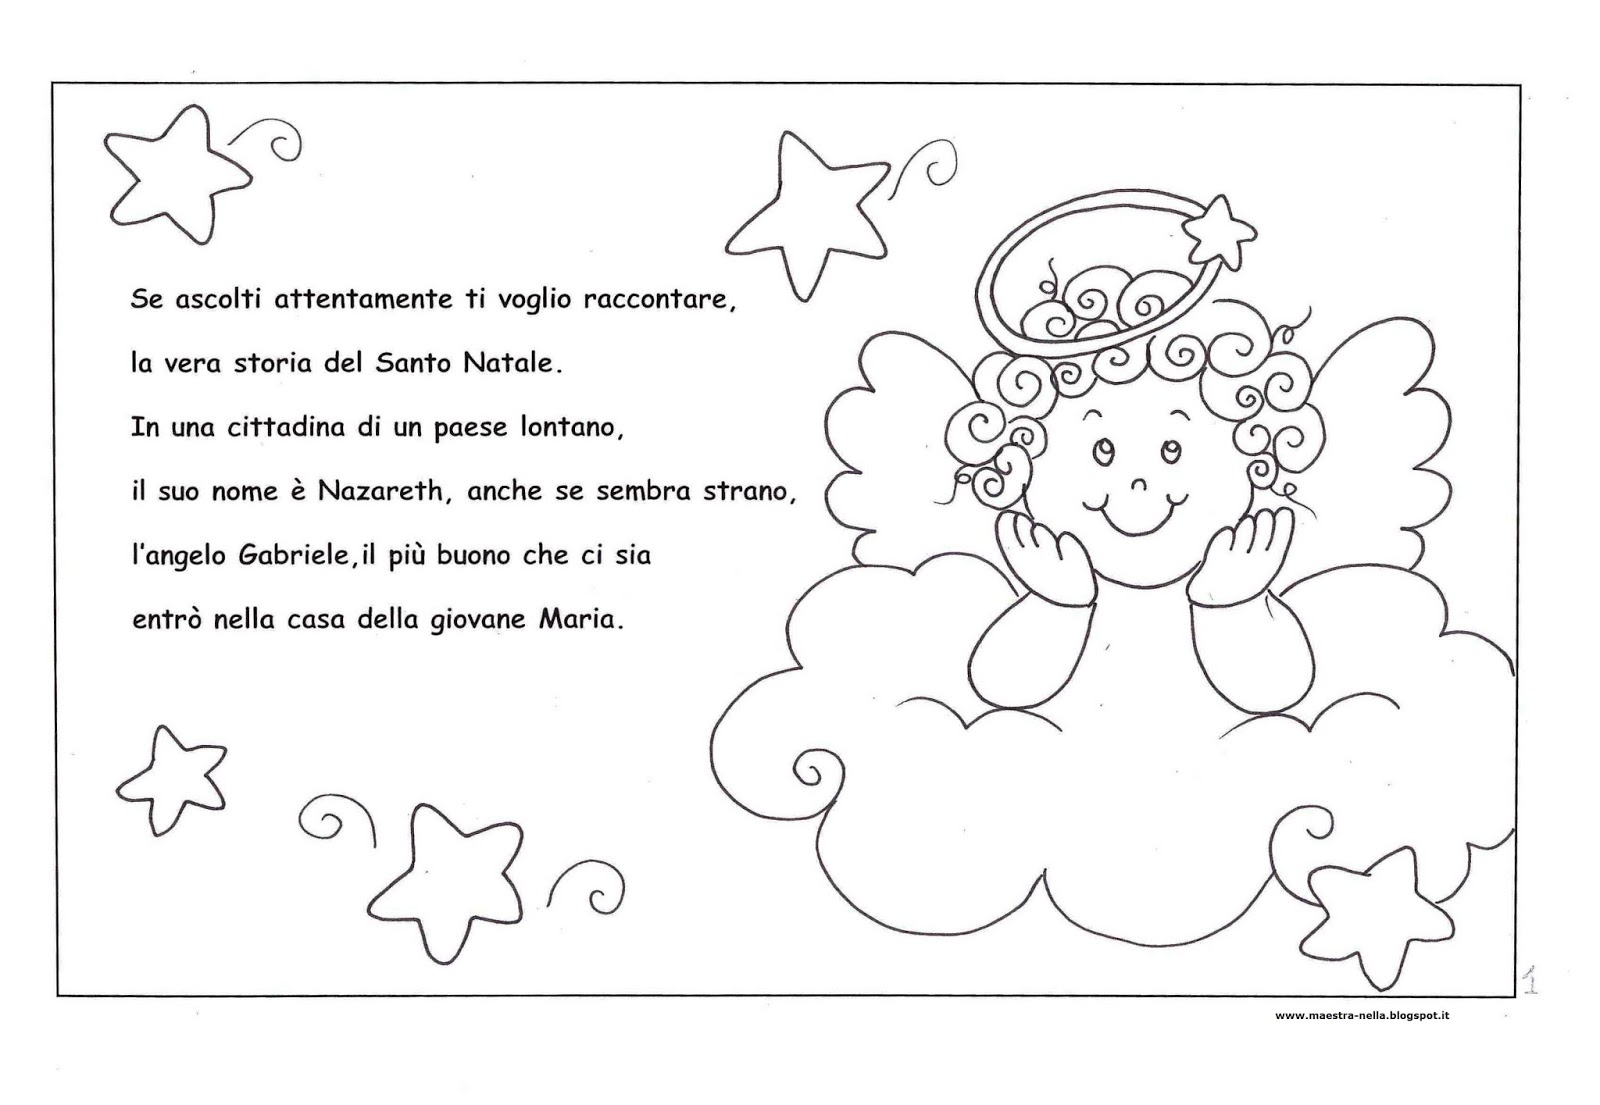 Maestra nella storia del santo natale for Schede didattiche natale scuola dell infanzia